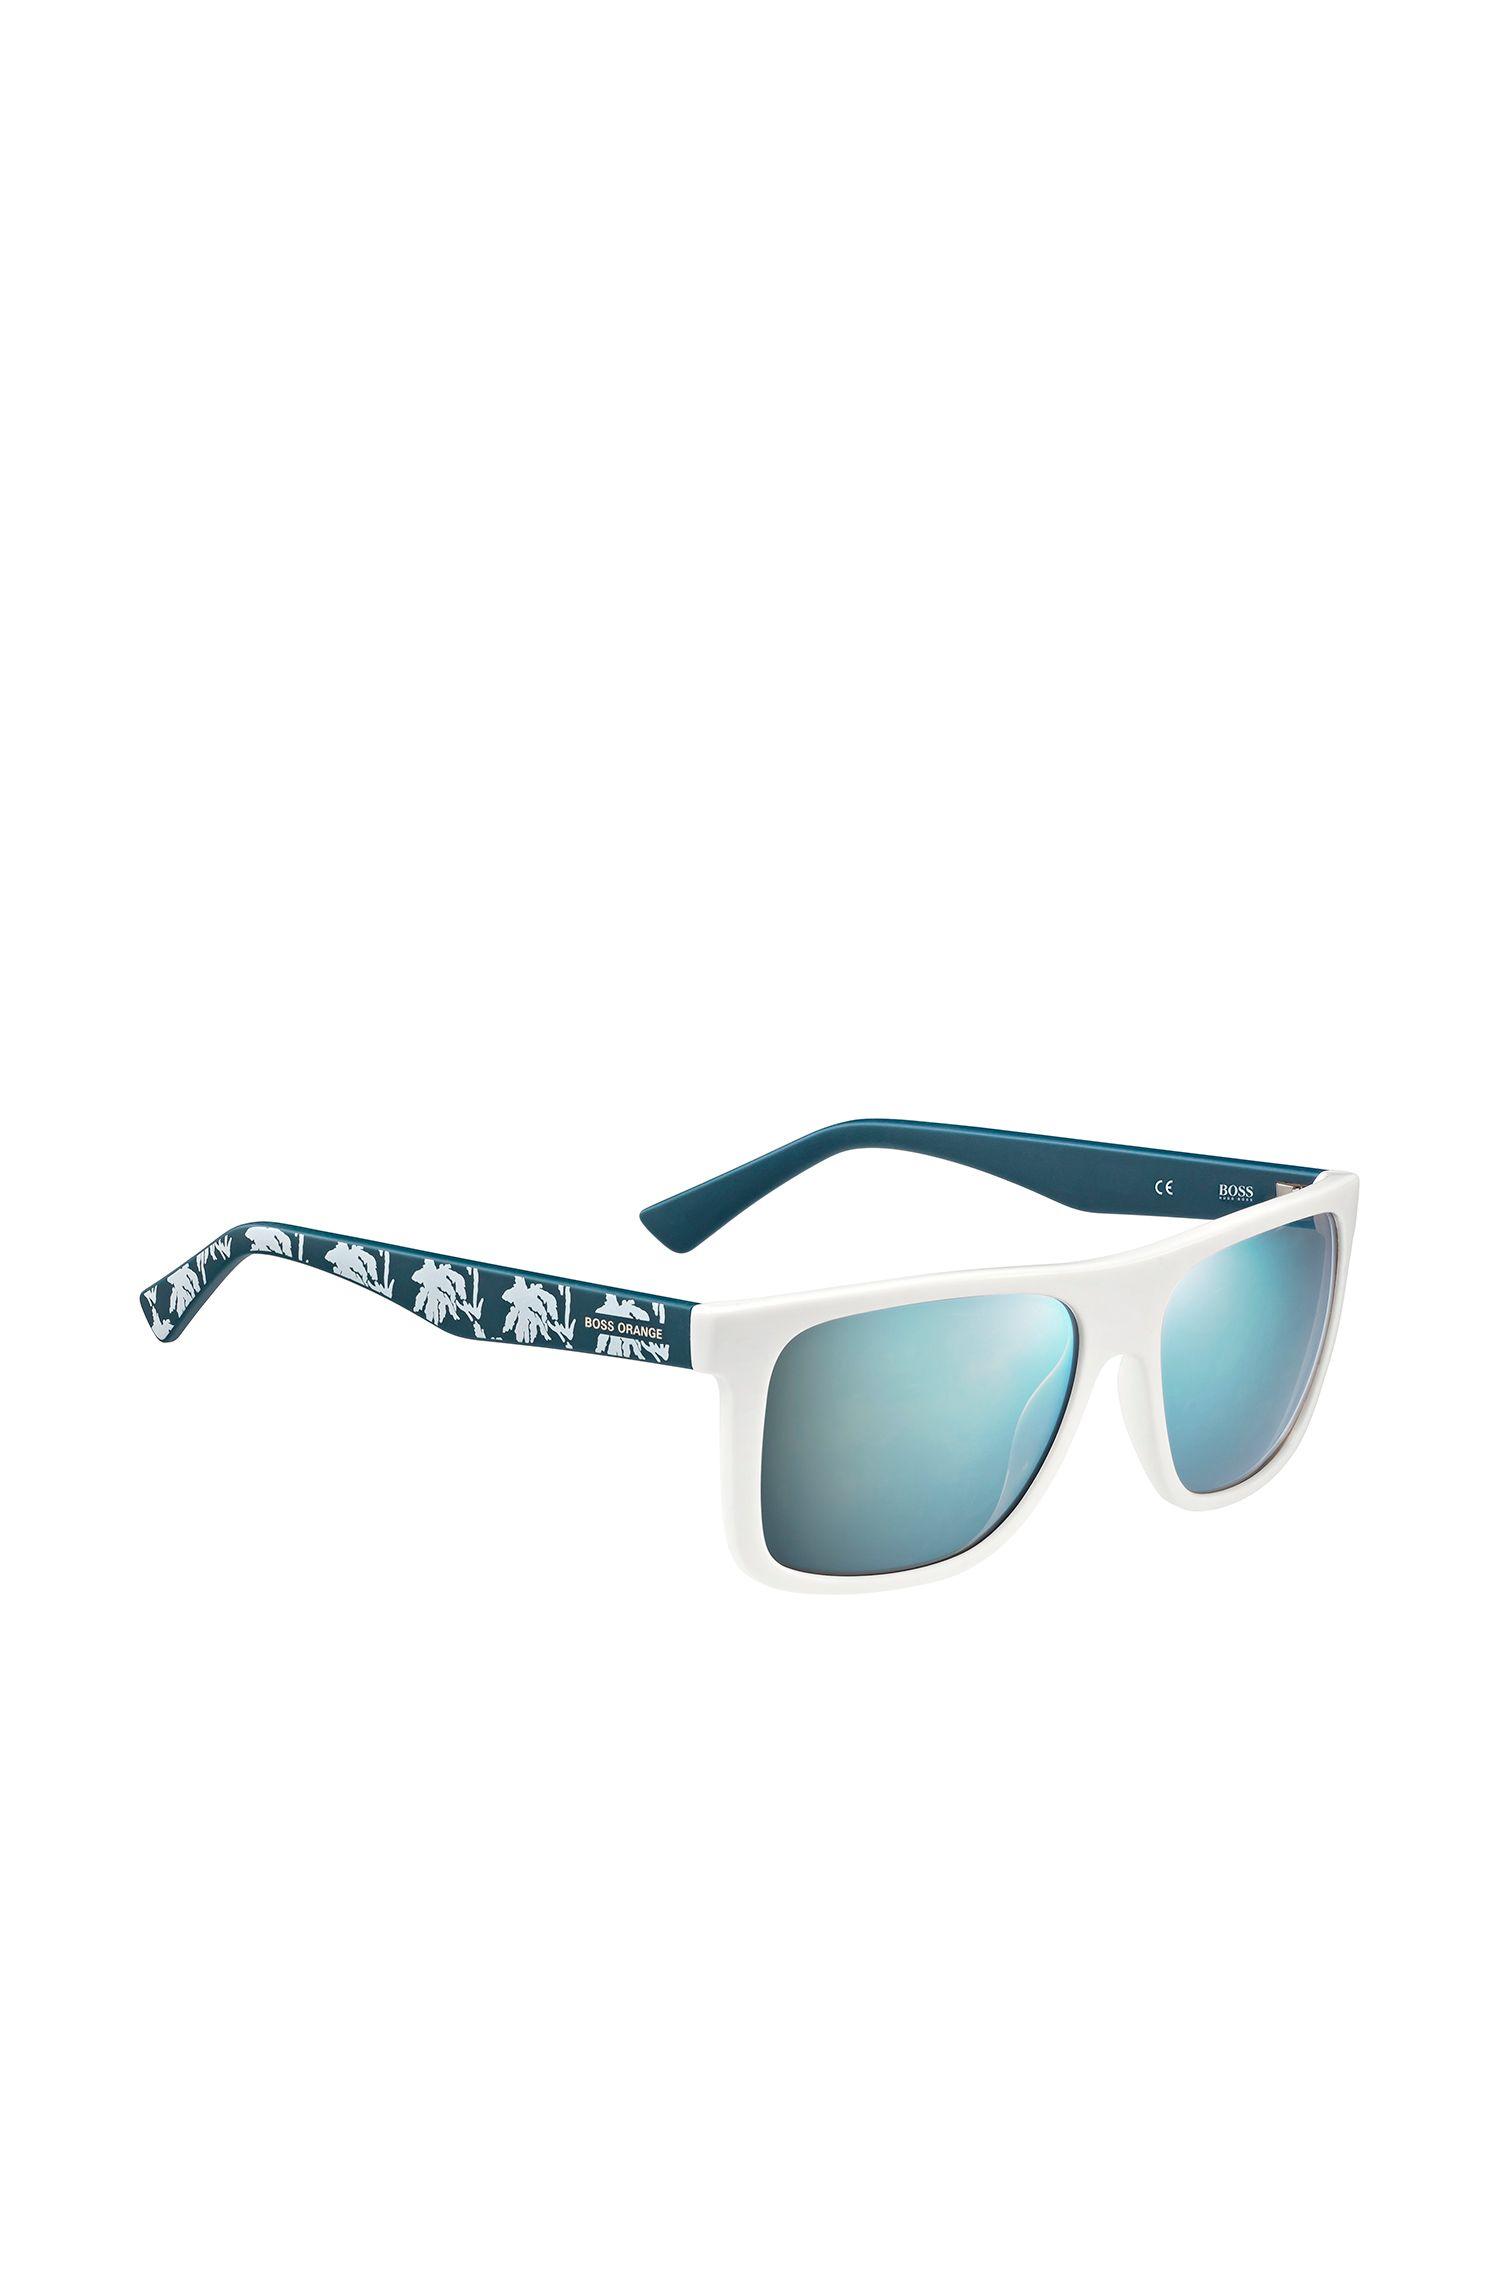 Sonnenbrille mit gemusterten Bügeln in Weiß und Petrol: 'BO 0235/S'